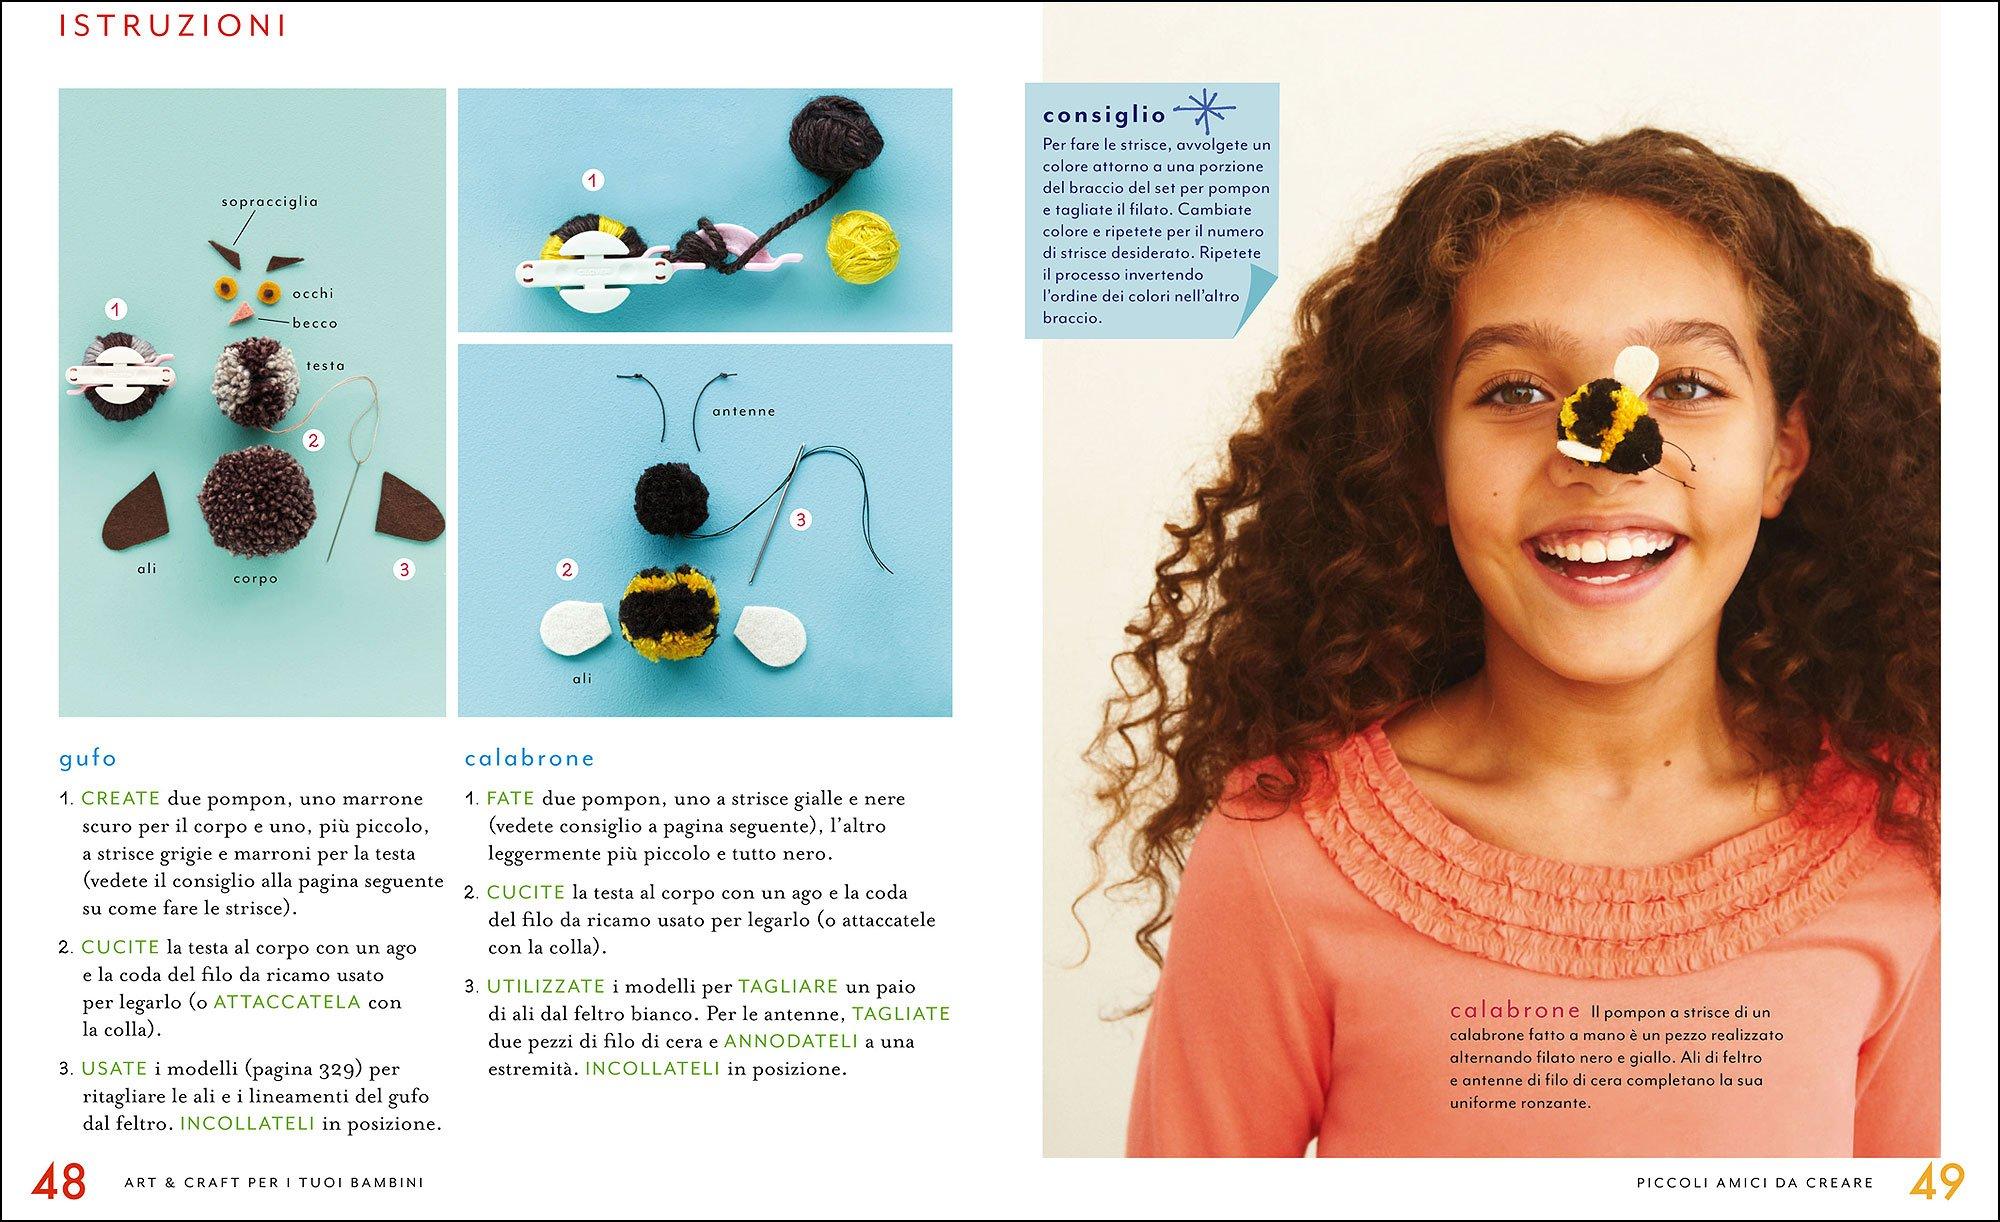 813hlwruWpL - Art & craft per i tuoi bambini. 175 idee da creare, disegnare e costruire